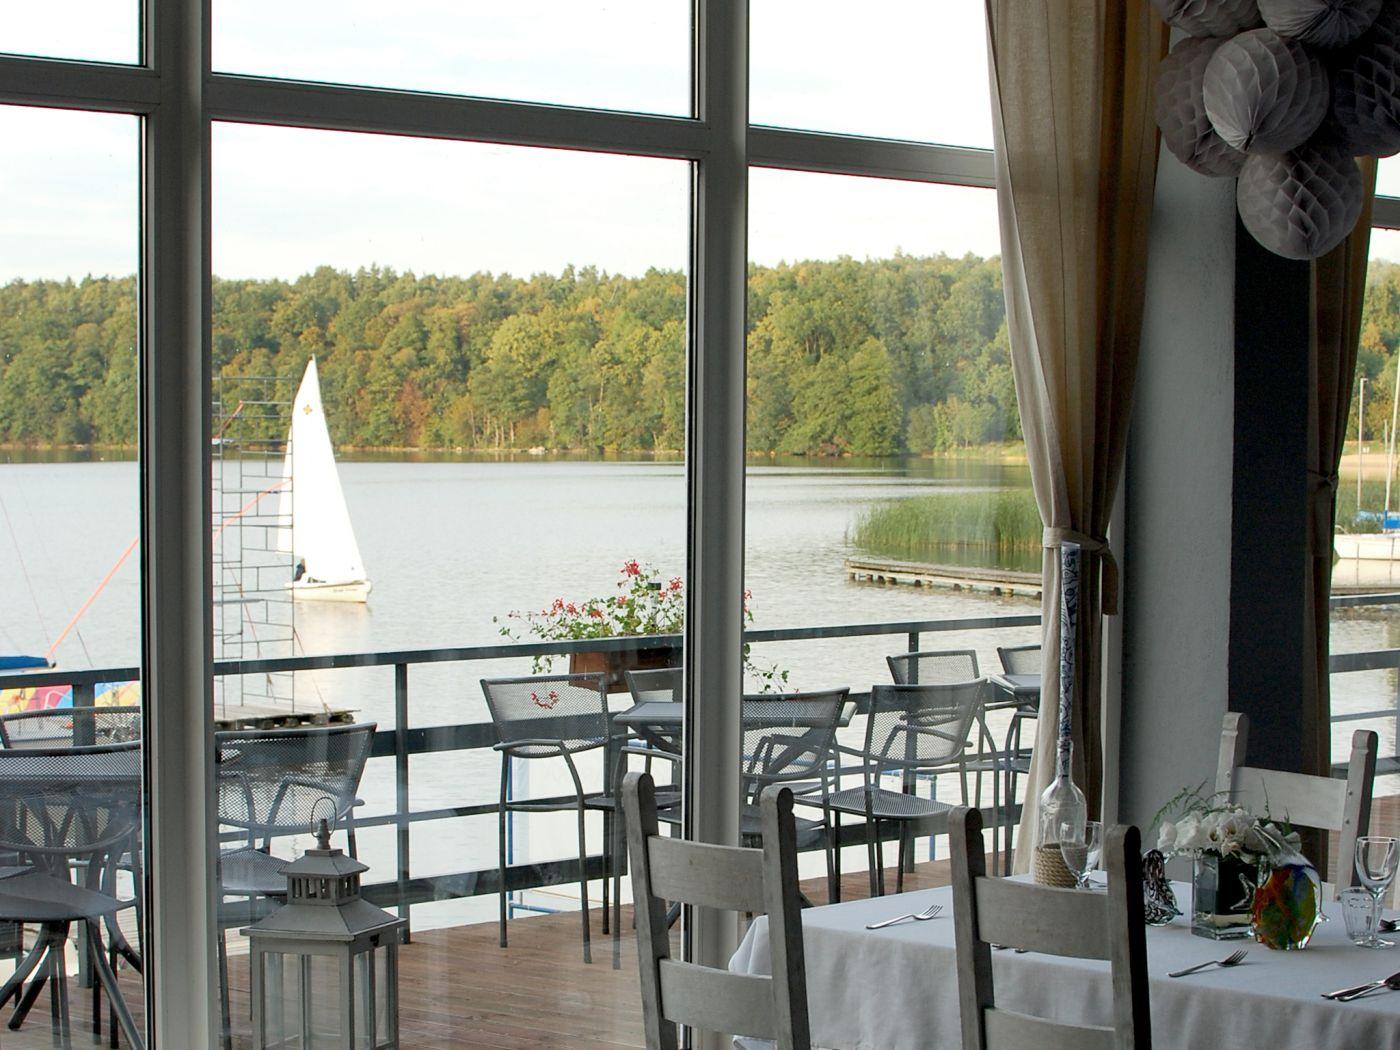 Restauracja, menu - Kaskada - Hotel & Restauracja Poznań